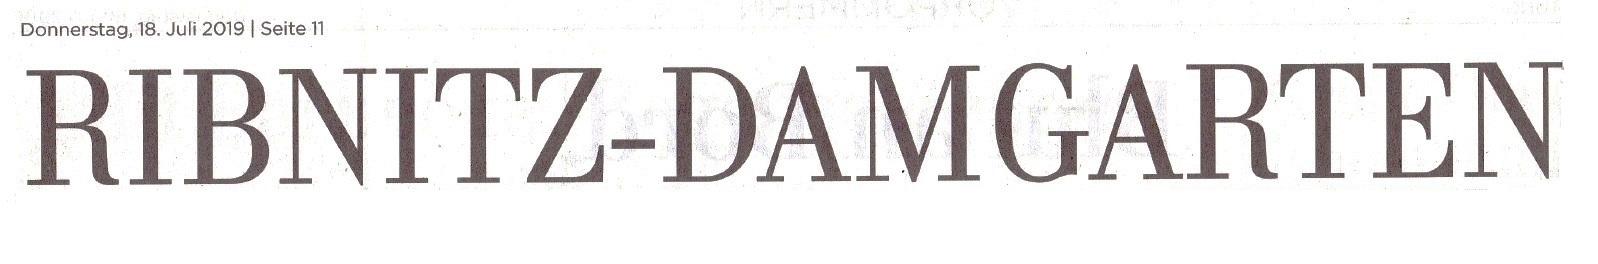 Mitgliederschwund beim Heimat- und Bildungsverein - OZ-Beitrag von Robert Niemeyer - Ostsee-Zeitung Ribnitz-Damgarten -  Veröffentlichung in der Ribnitz-Damgartener Printausgabe der Ostsee-Zeitung am 18. Juli 2019